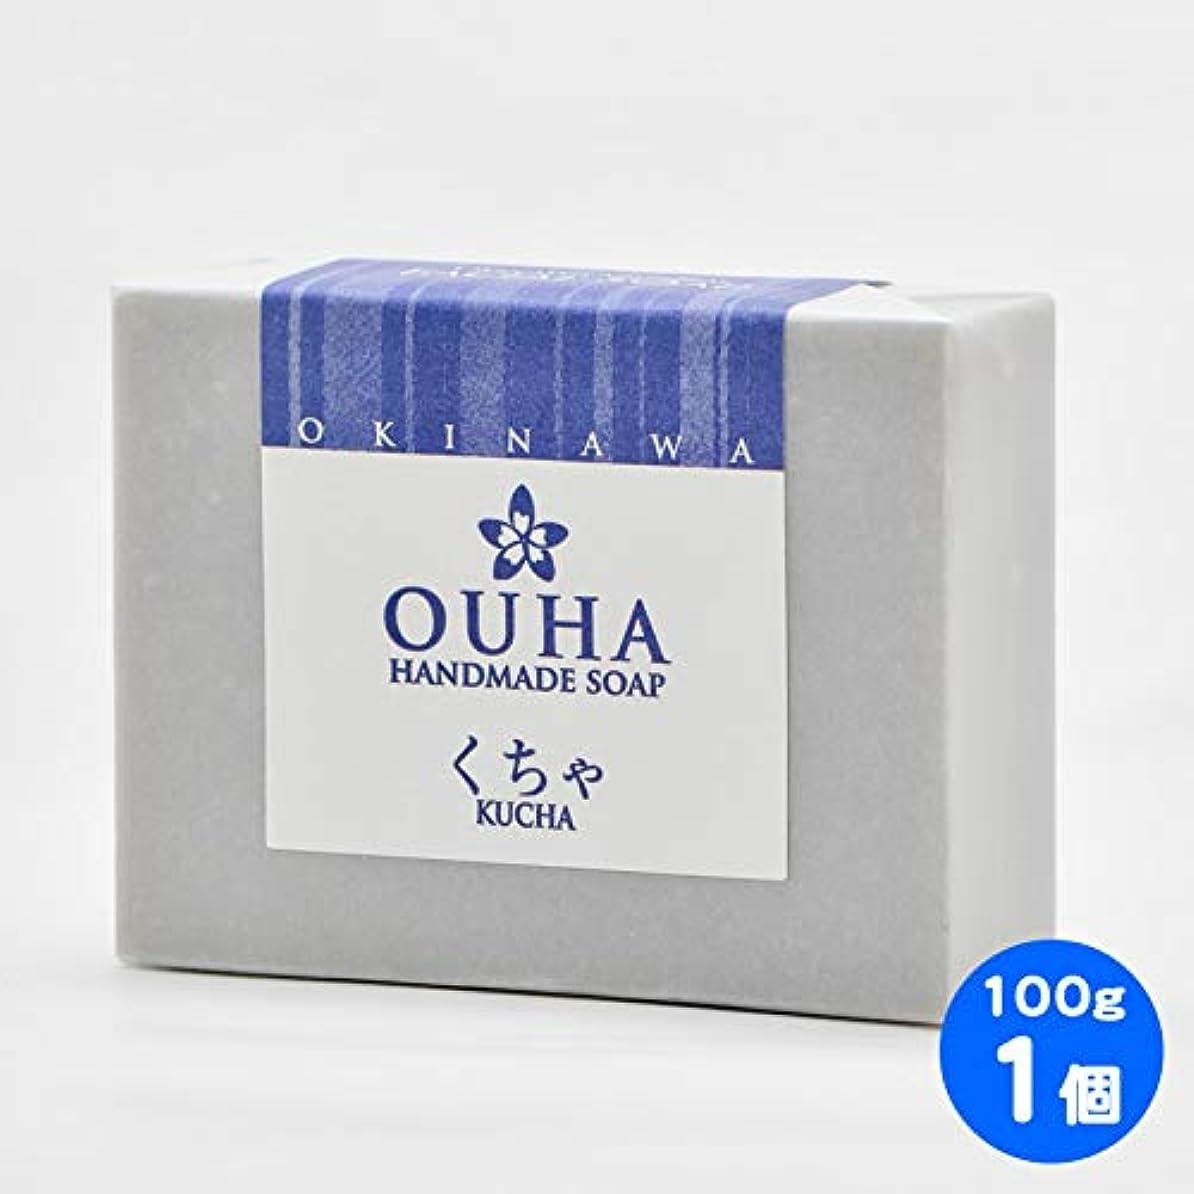 【送料無料 定形外郵便】沖縄県産 OUHAソープ くちゃ 石鹸 100g 1個